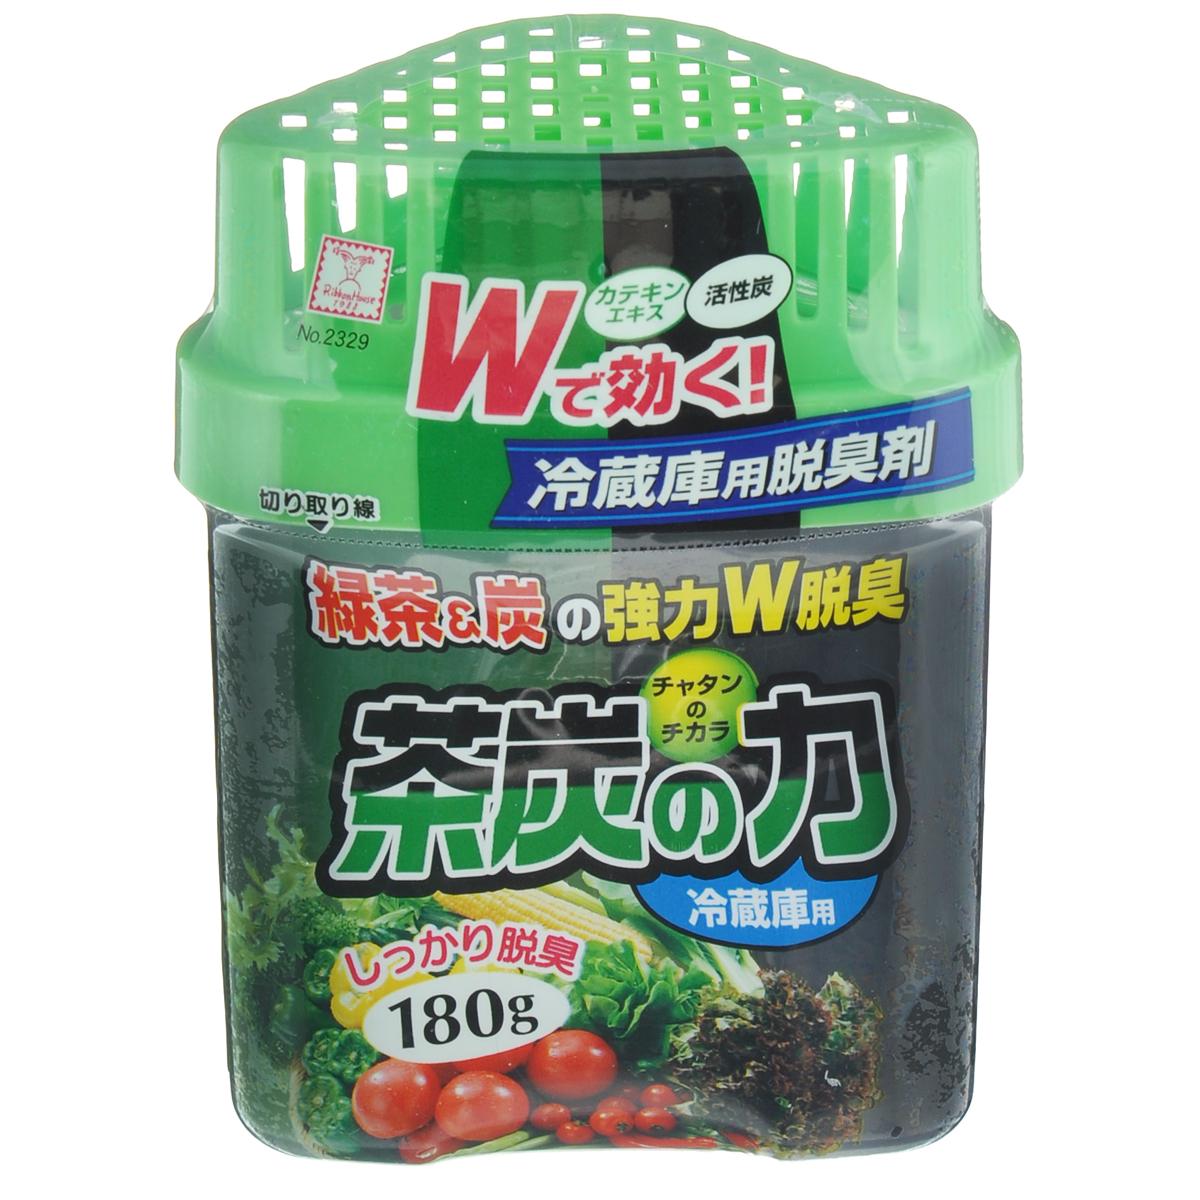 Нейтрализатор запахов для холодильника KOKUBO Сила угля и зеленого чая, 180 г21395598Нейтрализатор запахов для холодильника KOKUBO Сила угля и зеленого чая поглощает неприятные запахи, даже очень резкие и стойкие. Способствует долгому сохранению свежести и вкусовых качеств продуктов в холодильнике. Благодаря содержанию древесного угля и экстракта зеленого чая обеспечивает длительный антигрибковый и бактерицидный эффект. Продолжительность действия до 2-х месяцев при объеме холодильника до 450-ти литров. Состав: дистиллированная вода, гелиевый наполнитель, порошок угля Бинчо, естественный дезодорант, экстракт белого чая. Вес: 180 г.